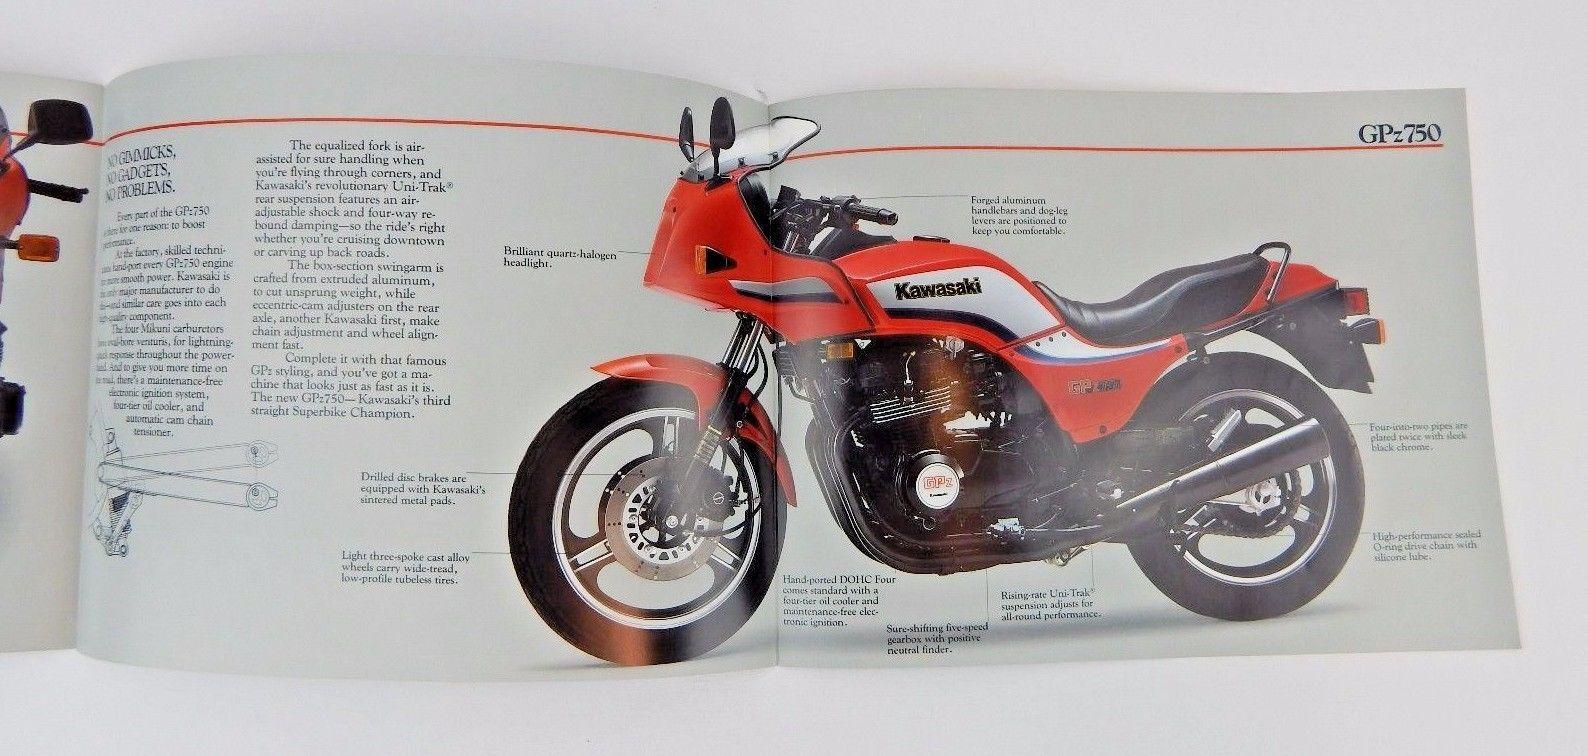 EBC XC Series Front Brake Disc For Kawasaki 2002 ZX6R A1P 636cc